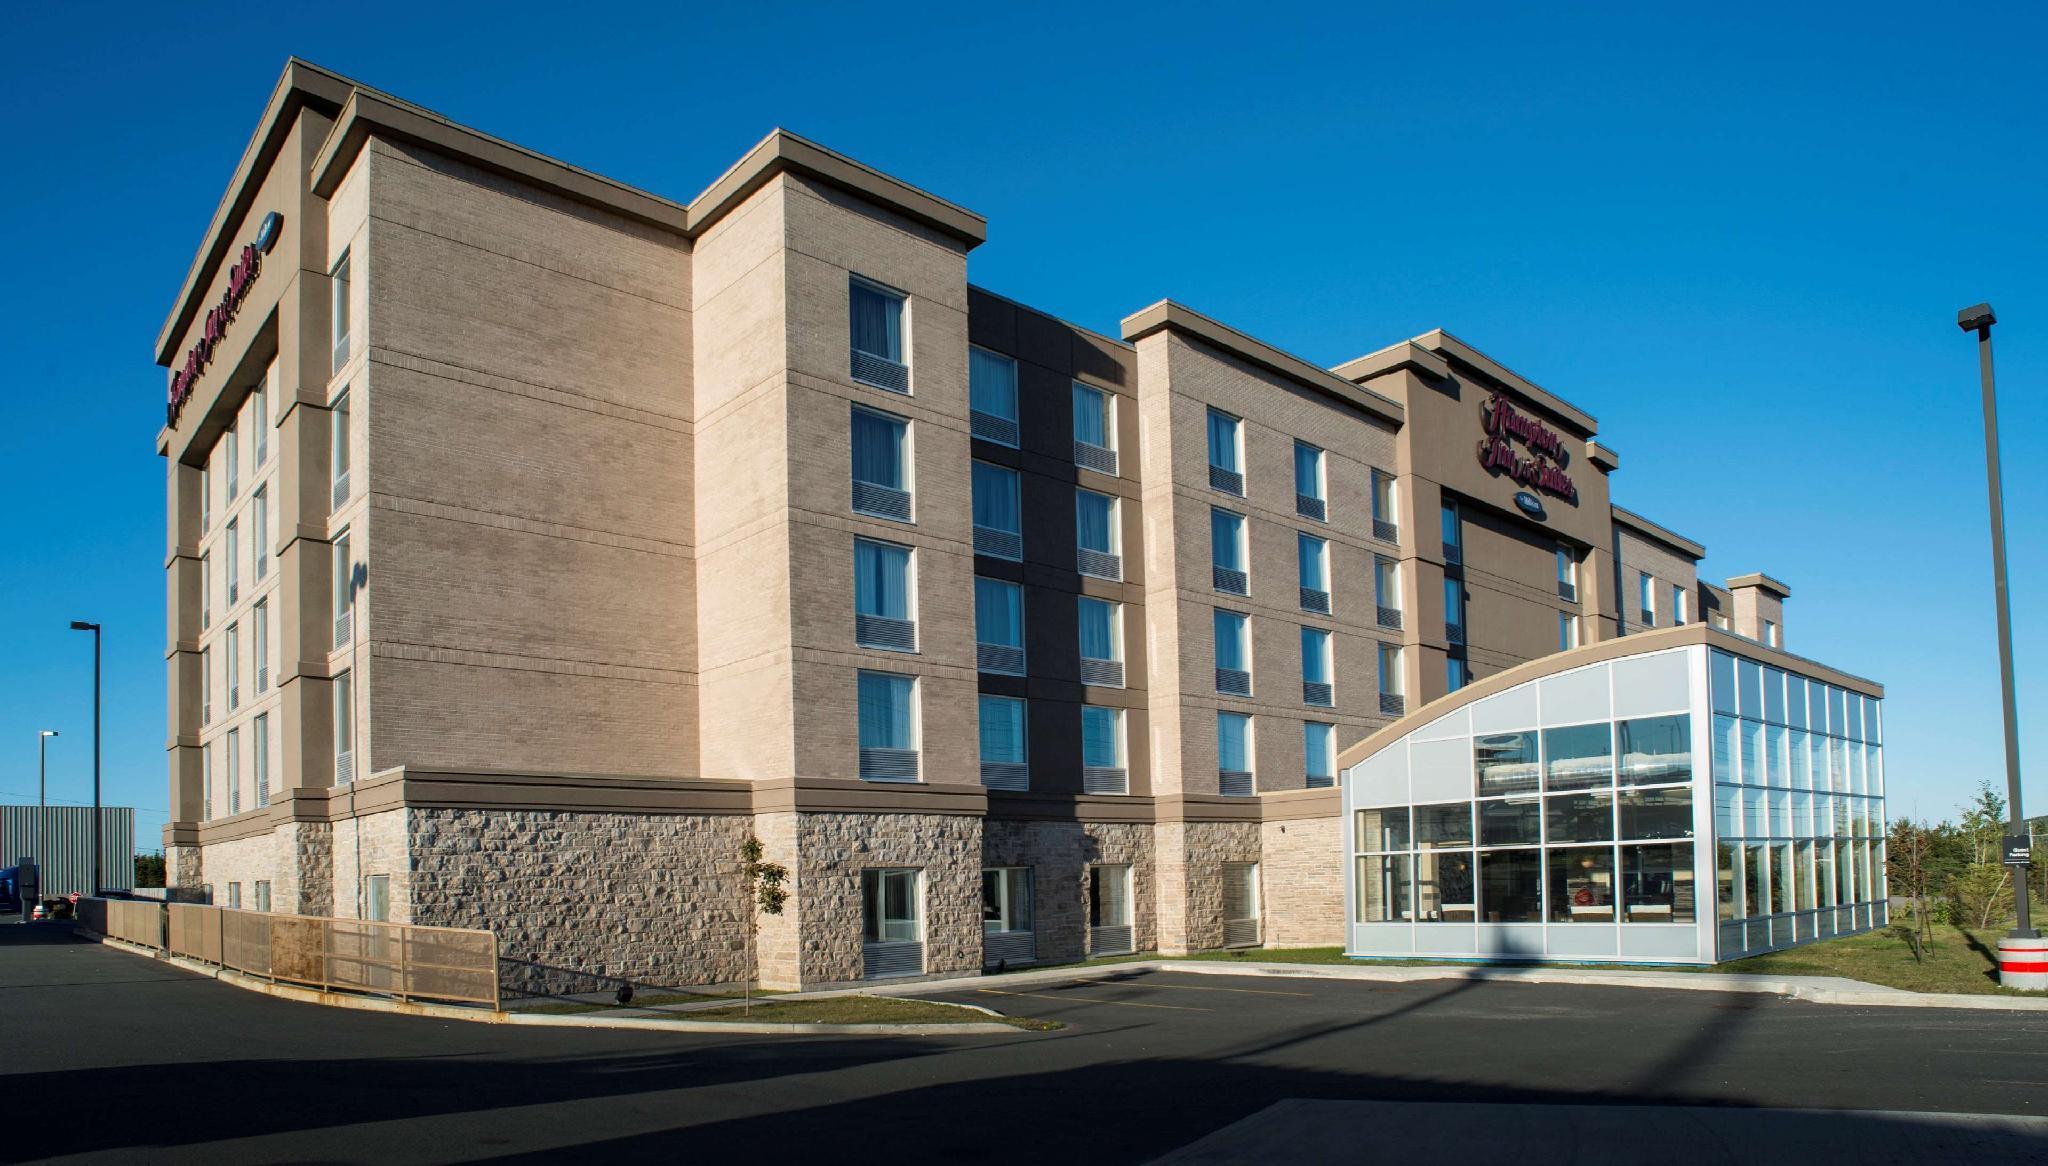 Hampton Inn And Suites St. John's Airport